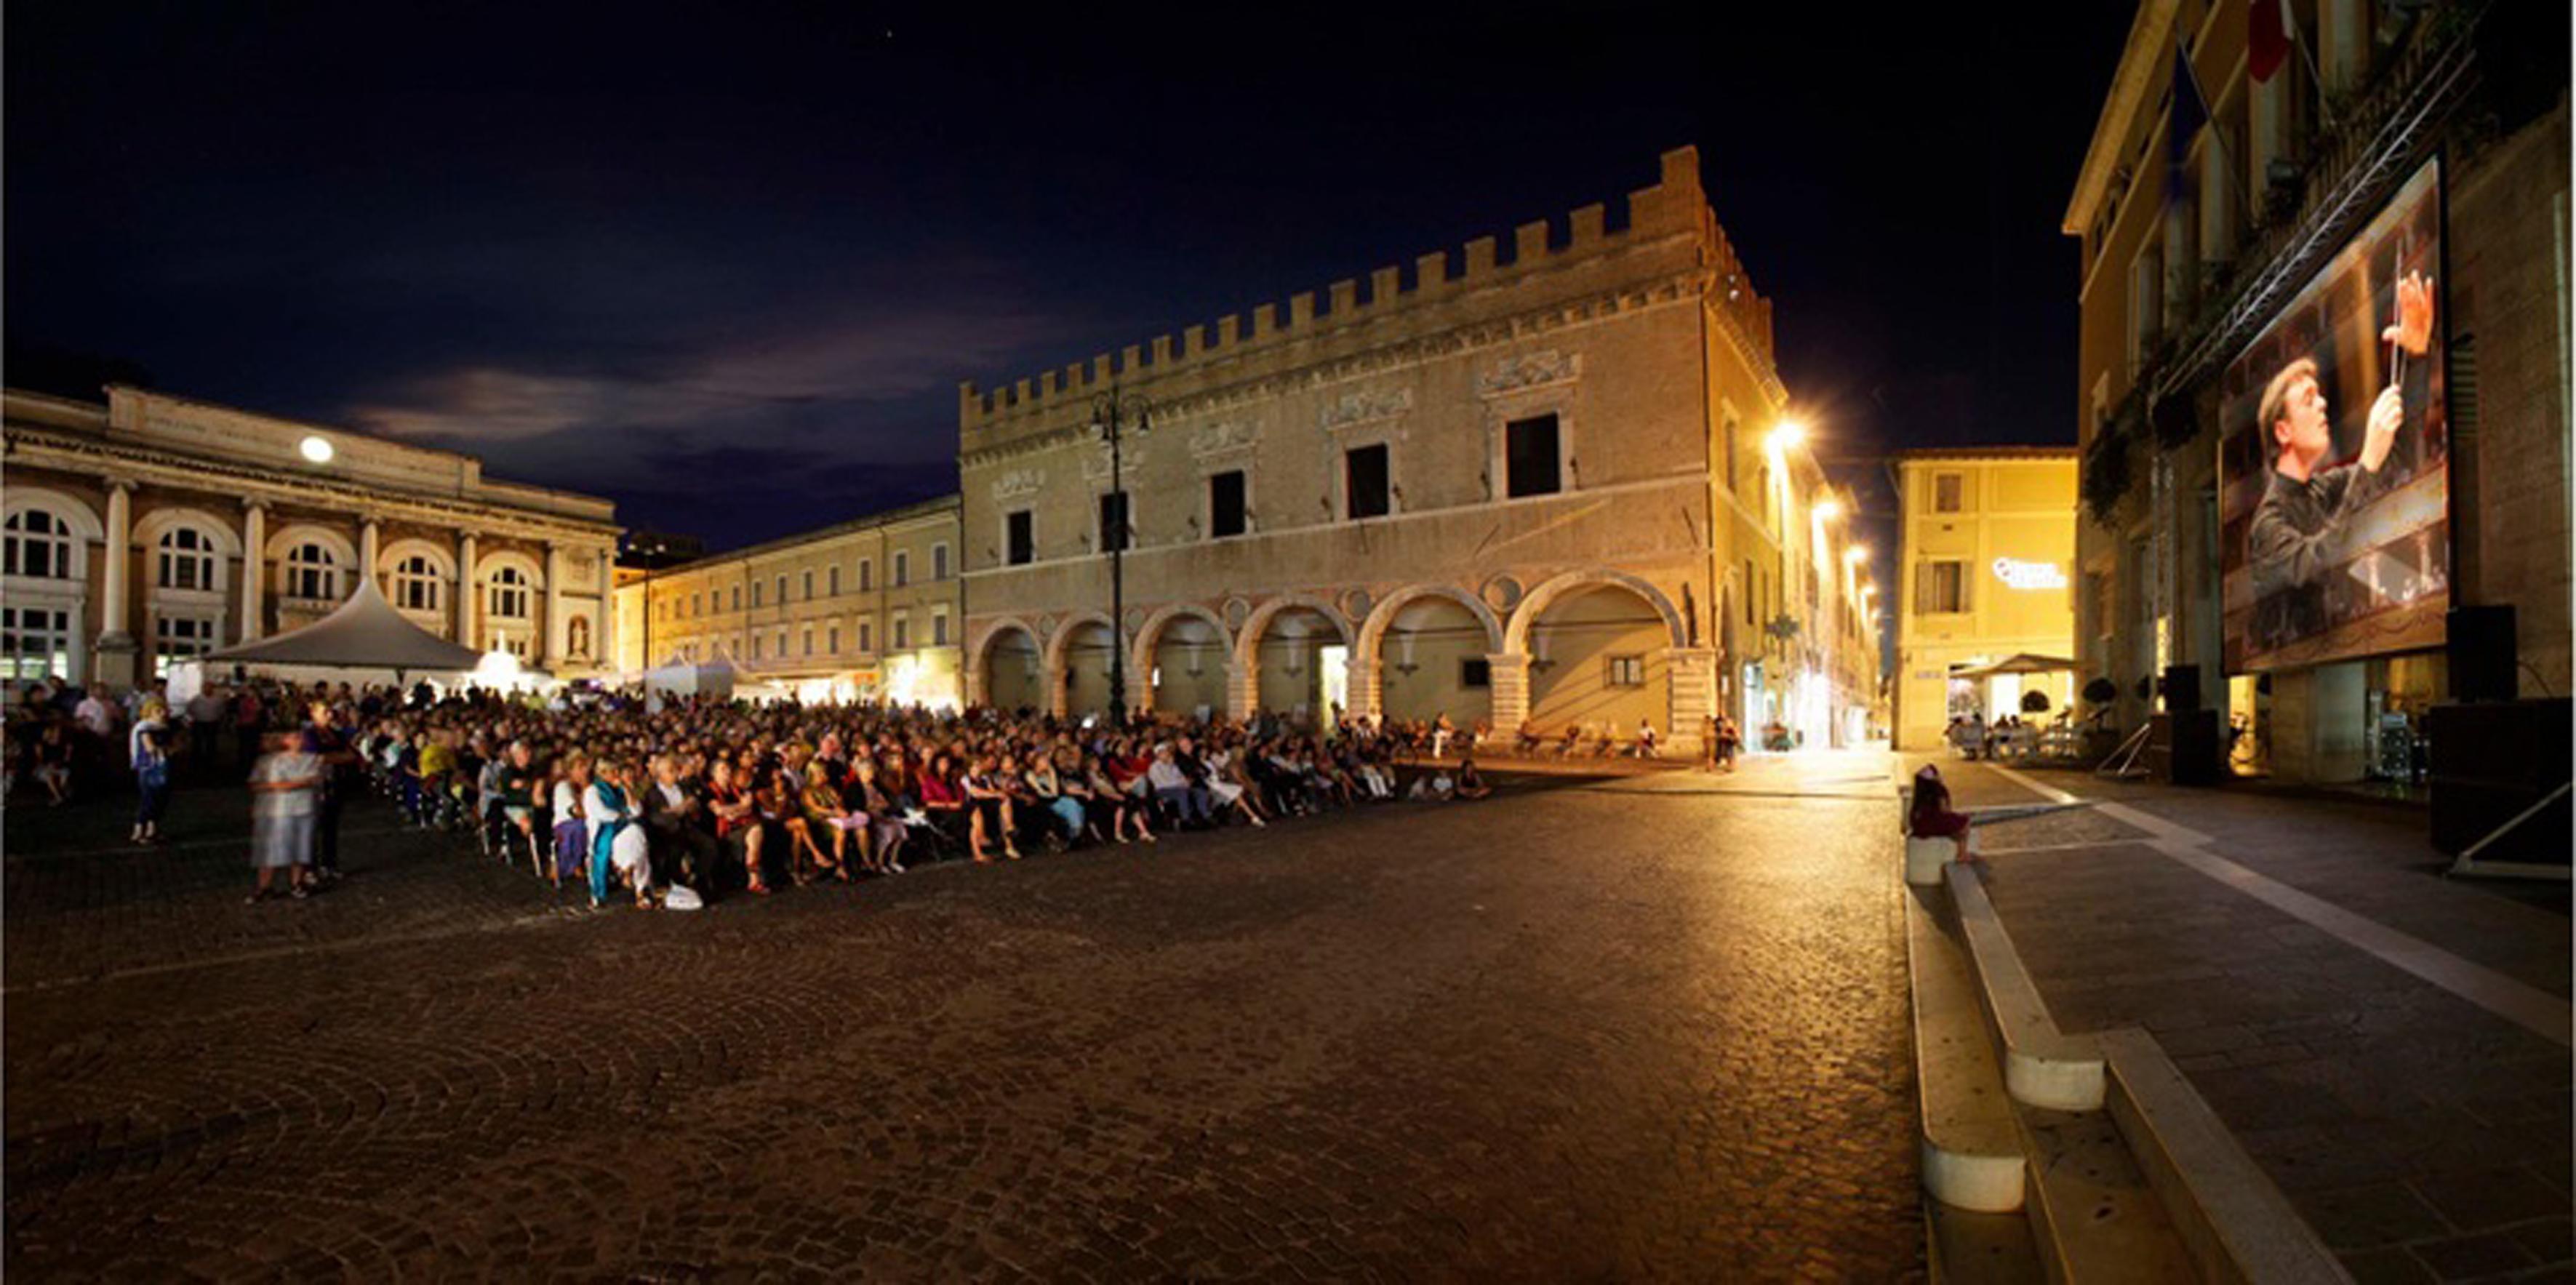 Edizione 2020 del Rossini Opera Festival dall'8 al 20 agosto